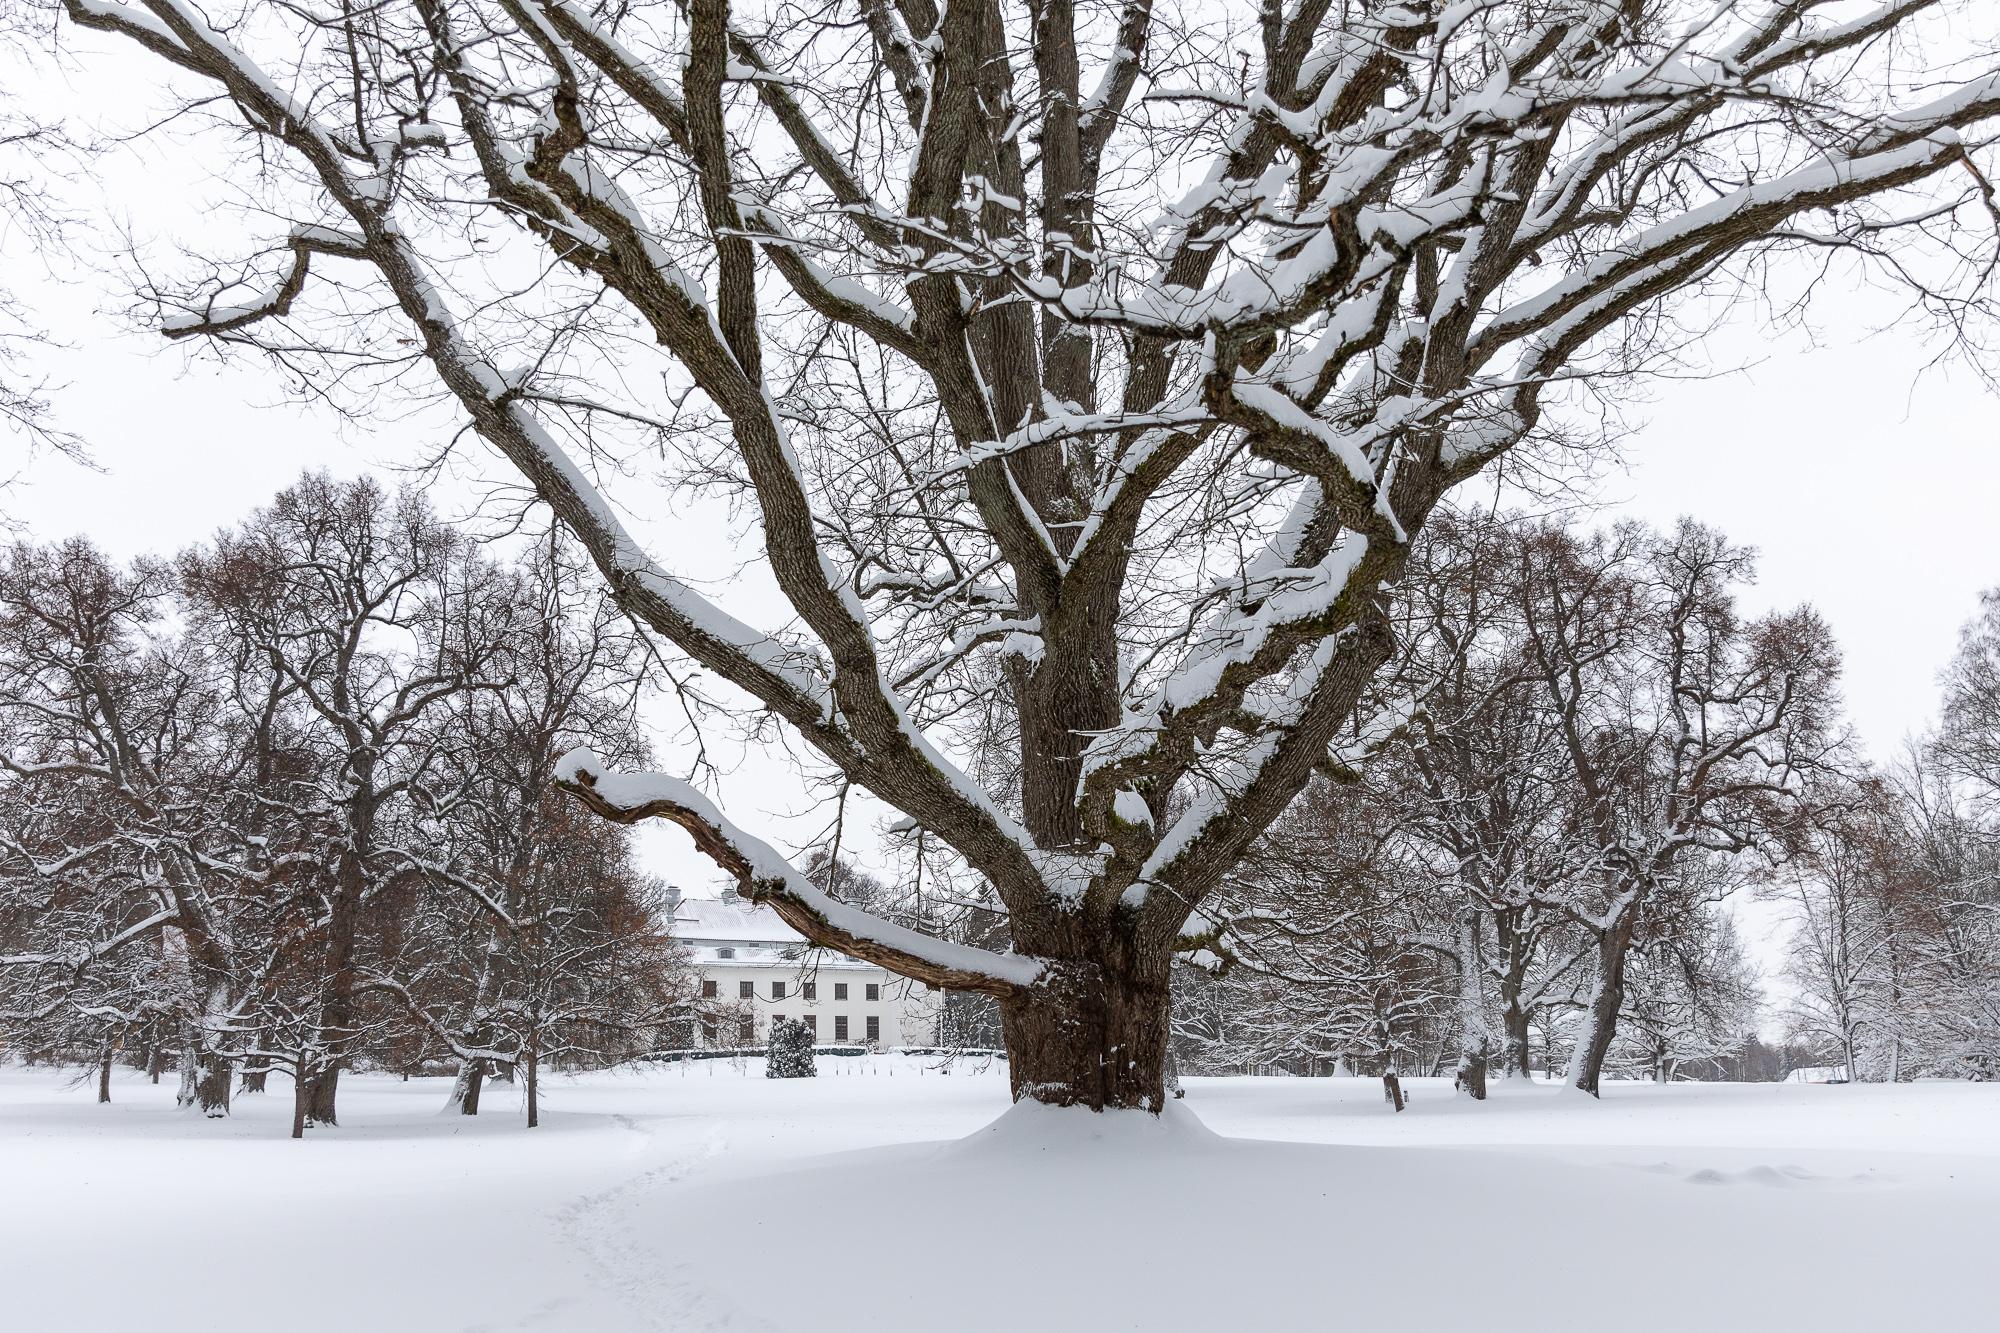 talvi, winter, suomi, finland, visitfinland, finlandphotolovers, luonto, nature, visualaddict, visualaddictfrida, valokuvaaja, photographer, Frida Steiner, Auroran puisto, Espoo